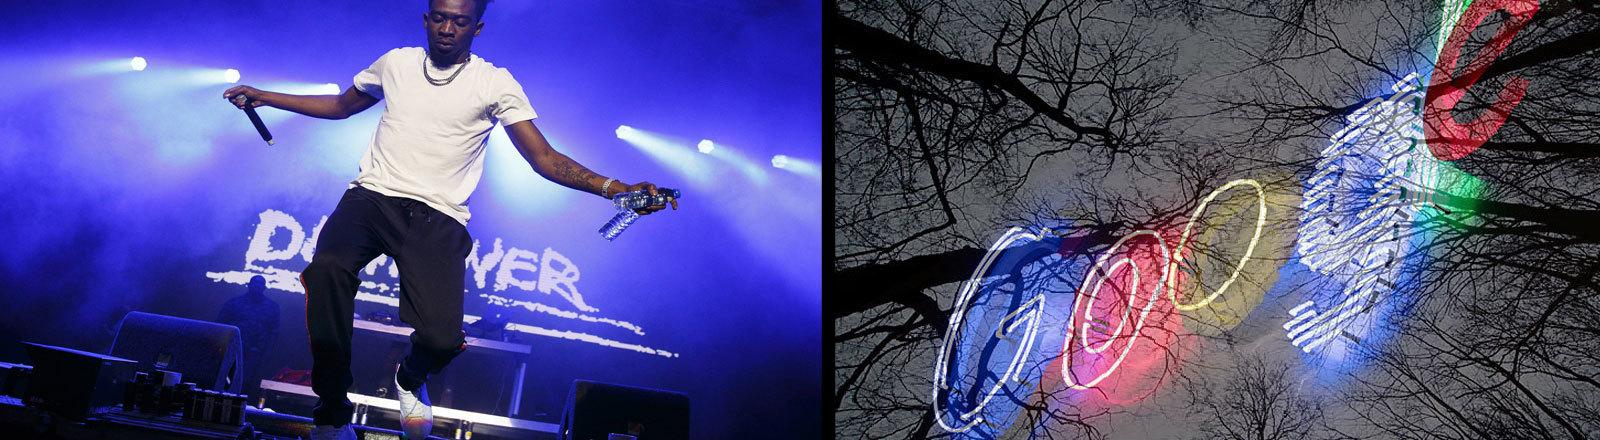 Collage: Links im Bild ist der Rapper Desiigner bei einem Konzert im August 2018; rechts im Bild der Schriftzug Google vor grauen Bäumen; Foto: Imago und dpa